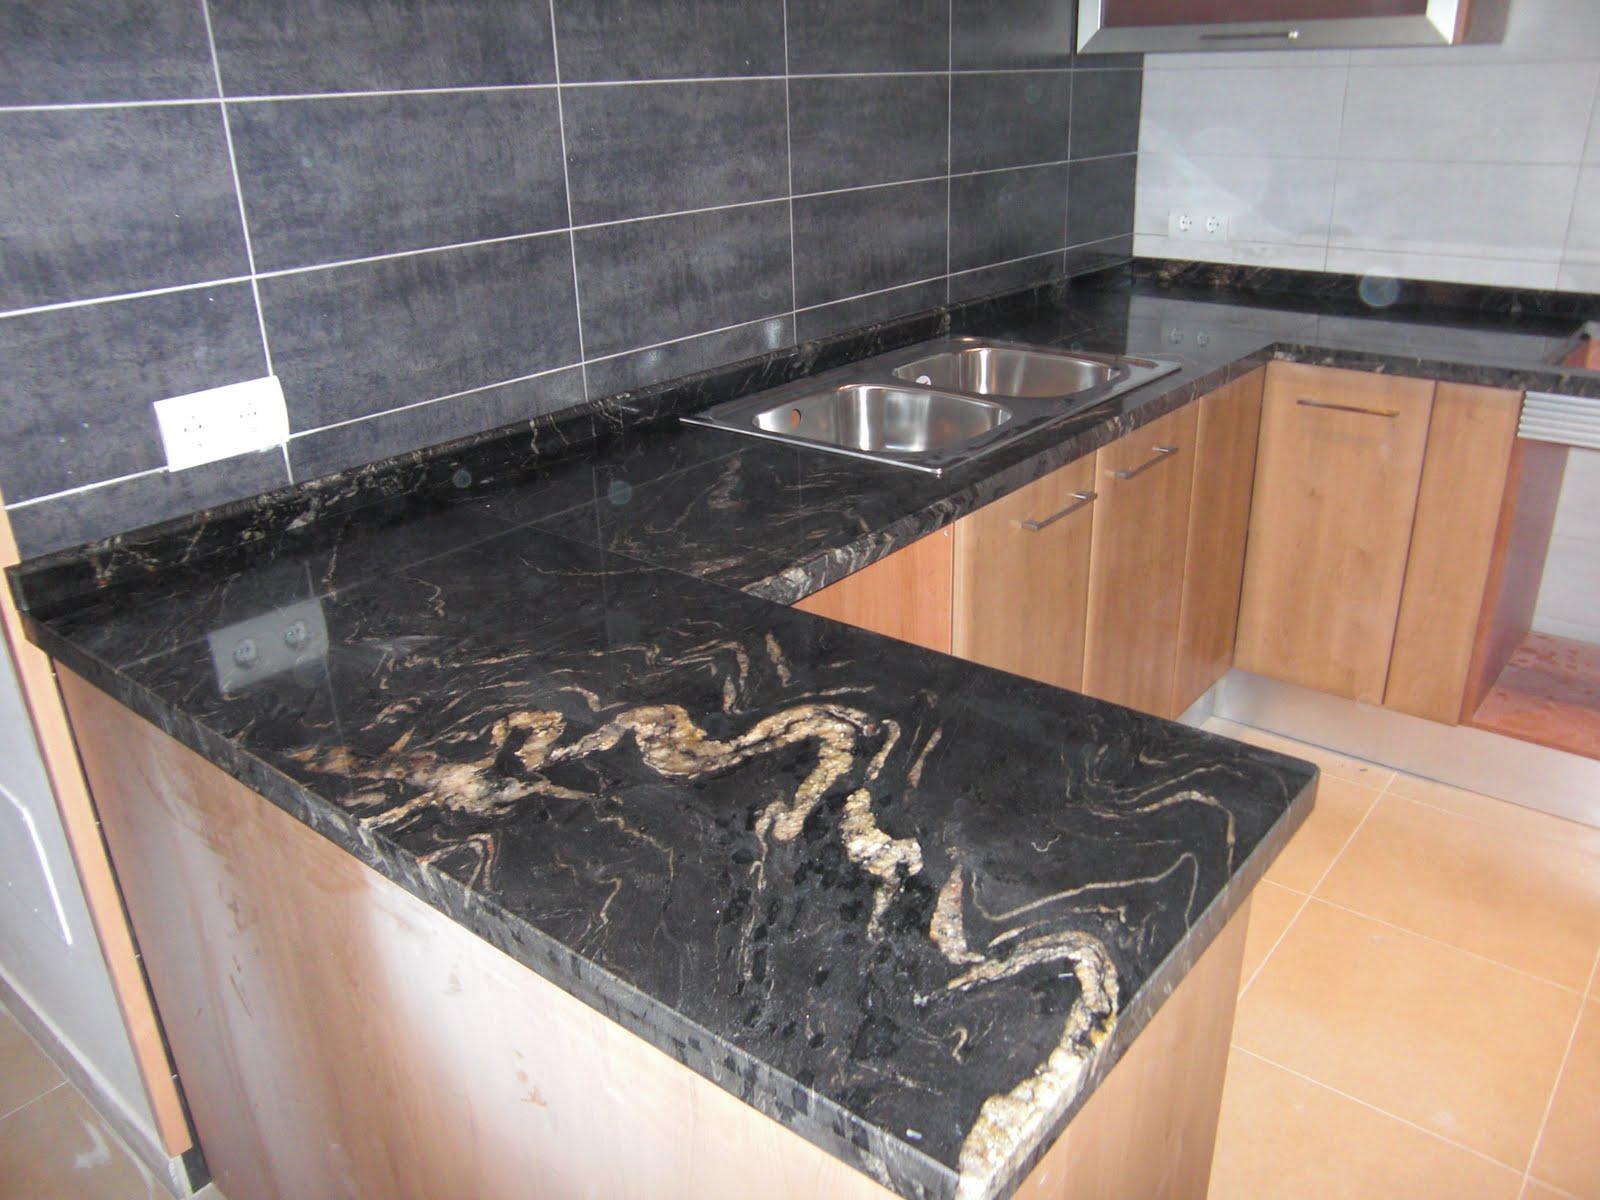 Piedralia global s l encimera de cocina en granito for Encimeras de granito baratas